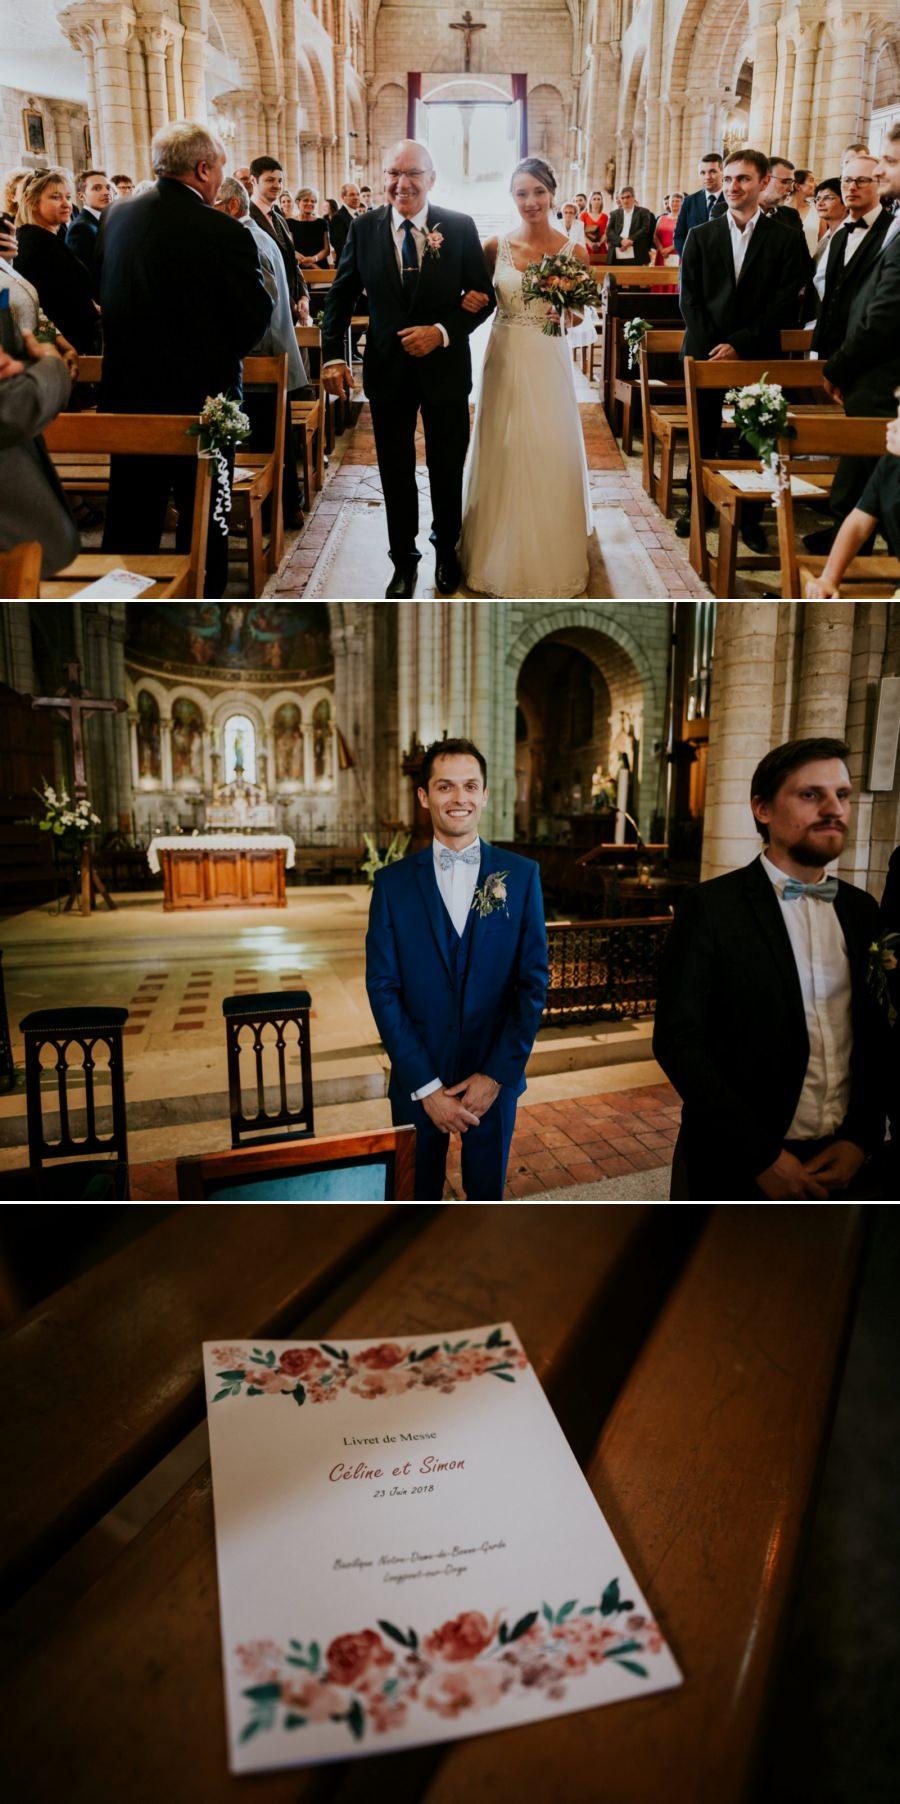 Entrée de la mariée durant la cérémonie religieuse - photographe de mariage Essonne